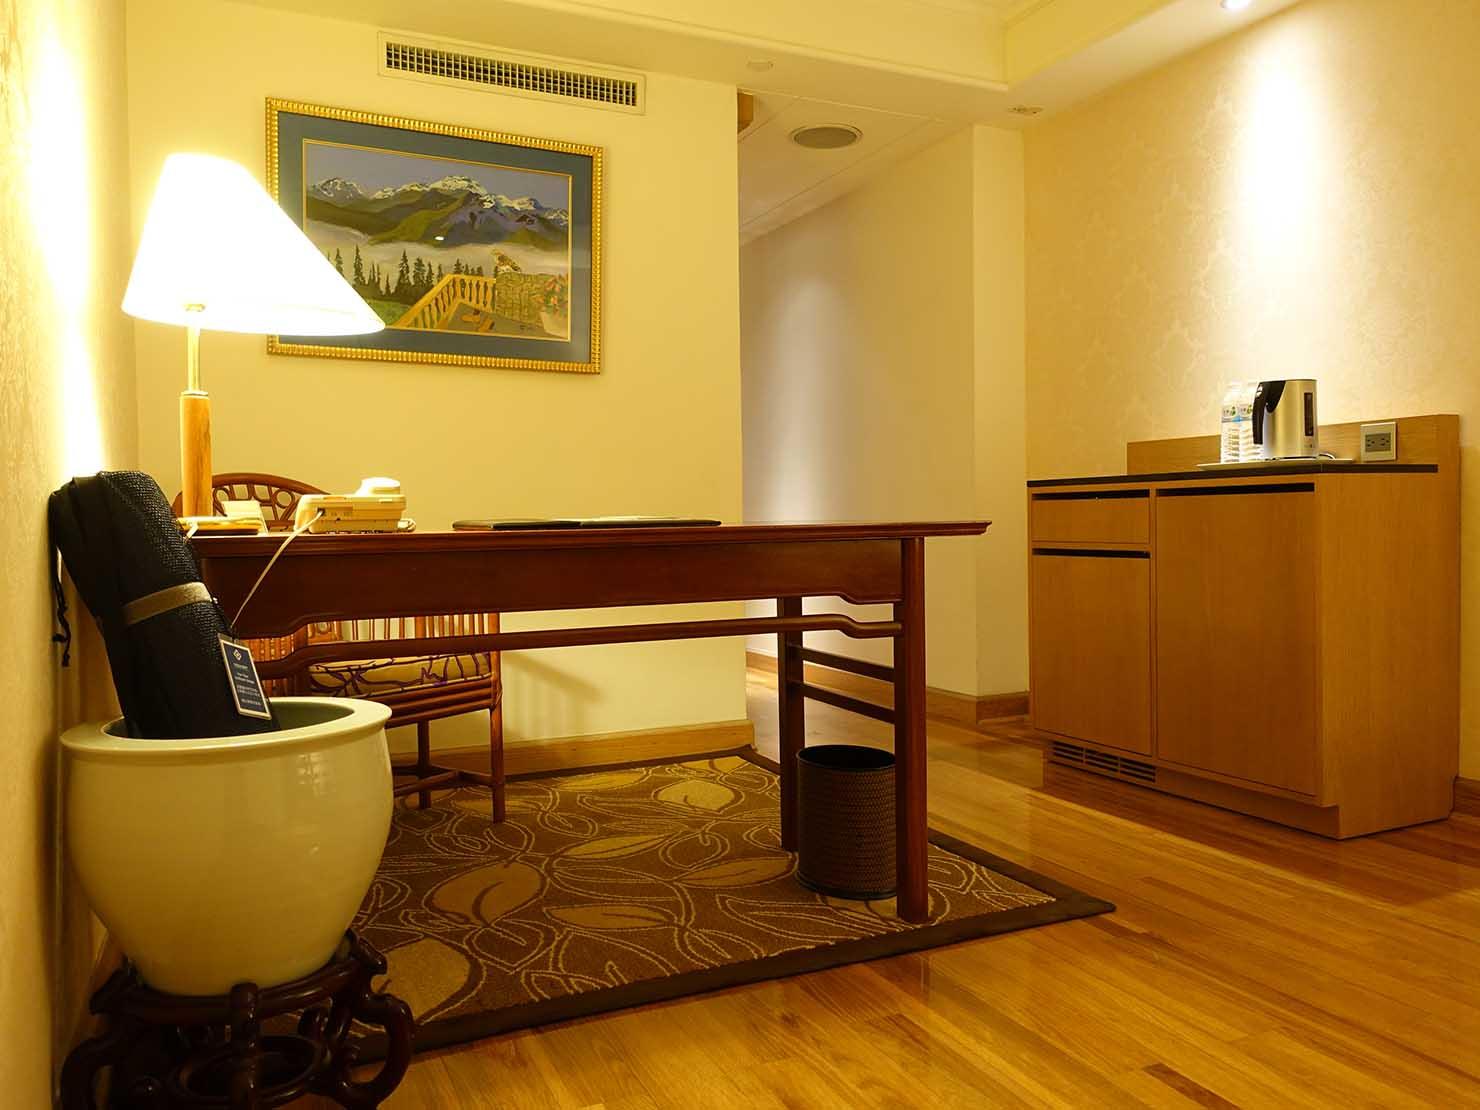 台北のおすすめ4つ星ホテル「歐華酒店(リビエラホテル)」エグゼクティブダブルルームのエントランス